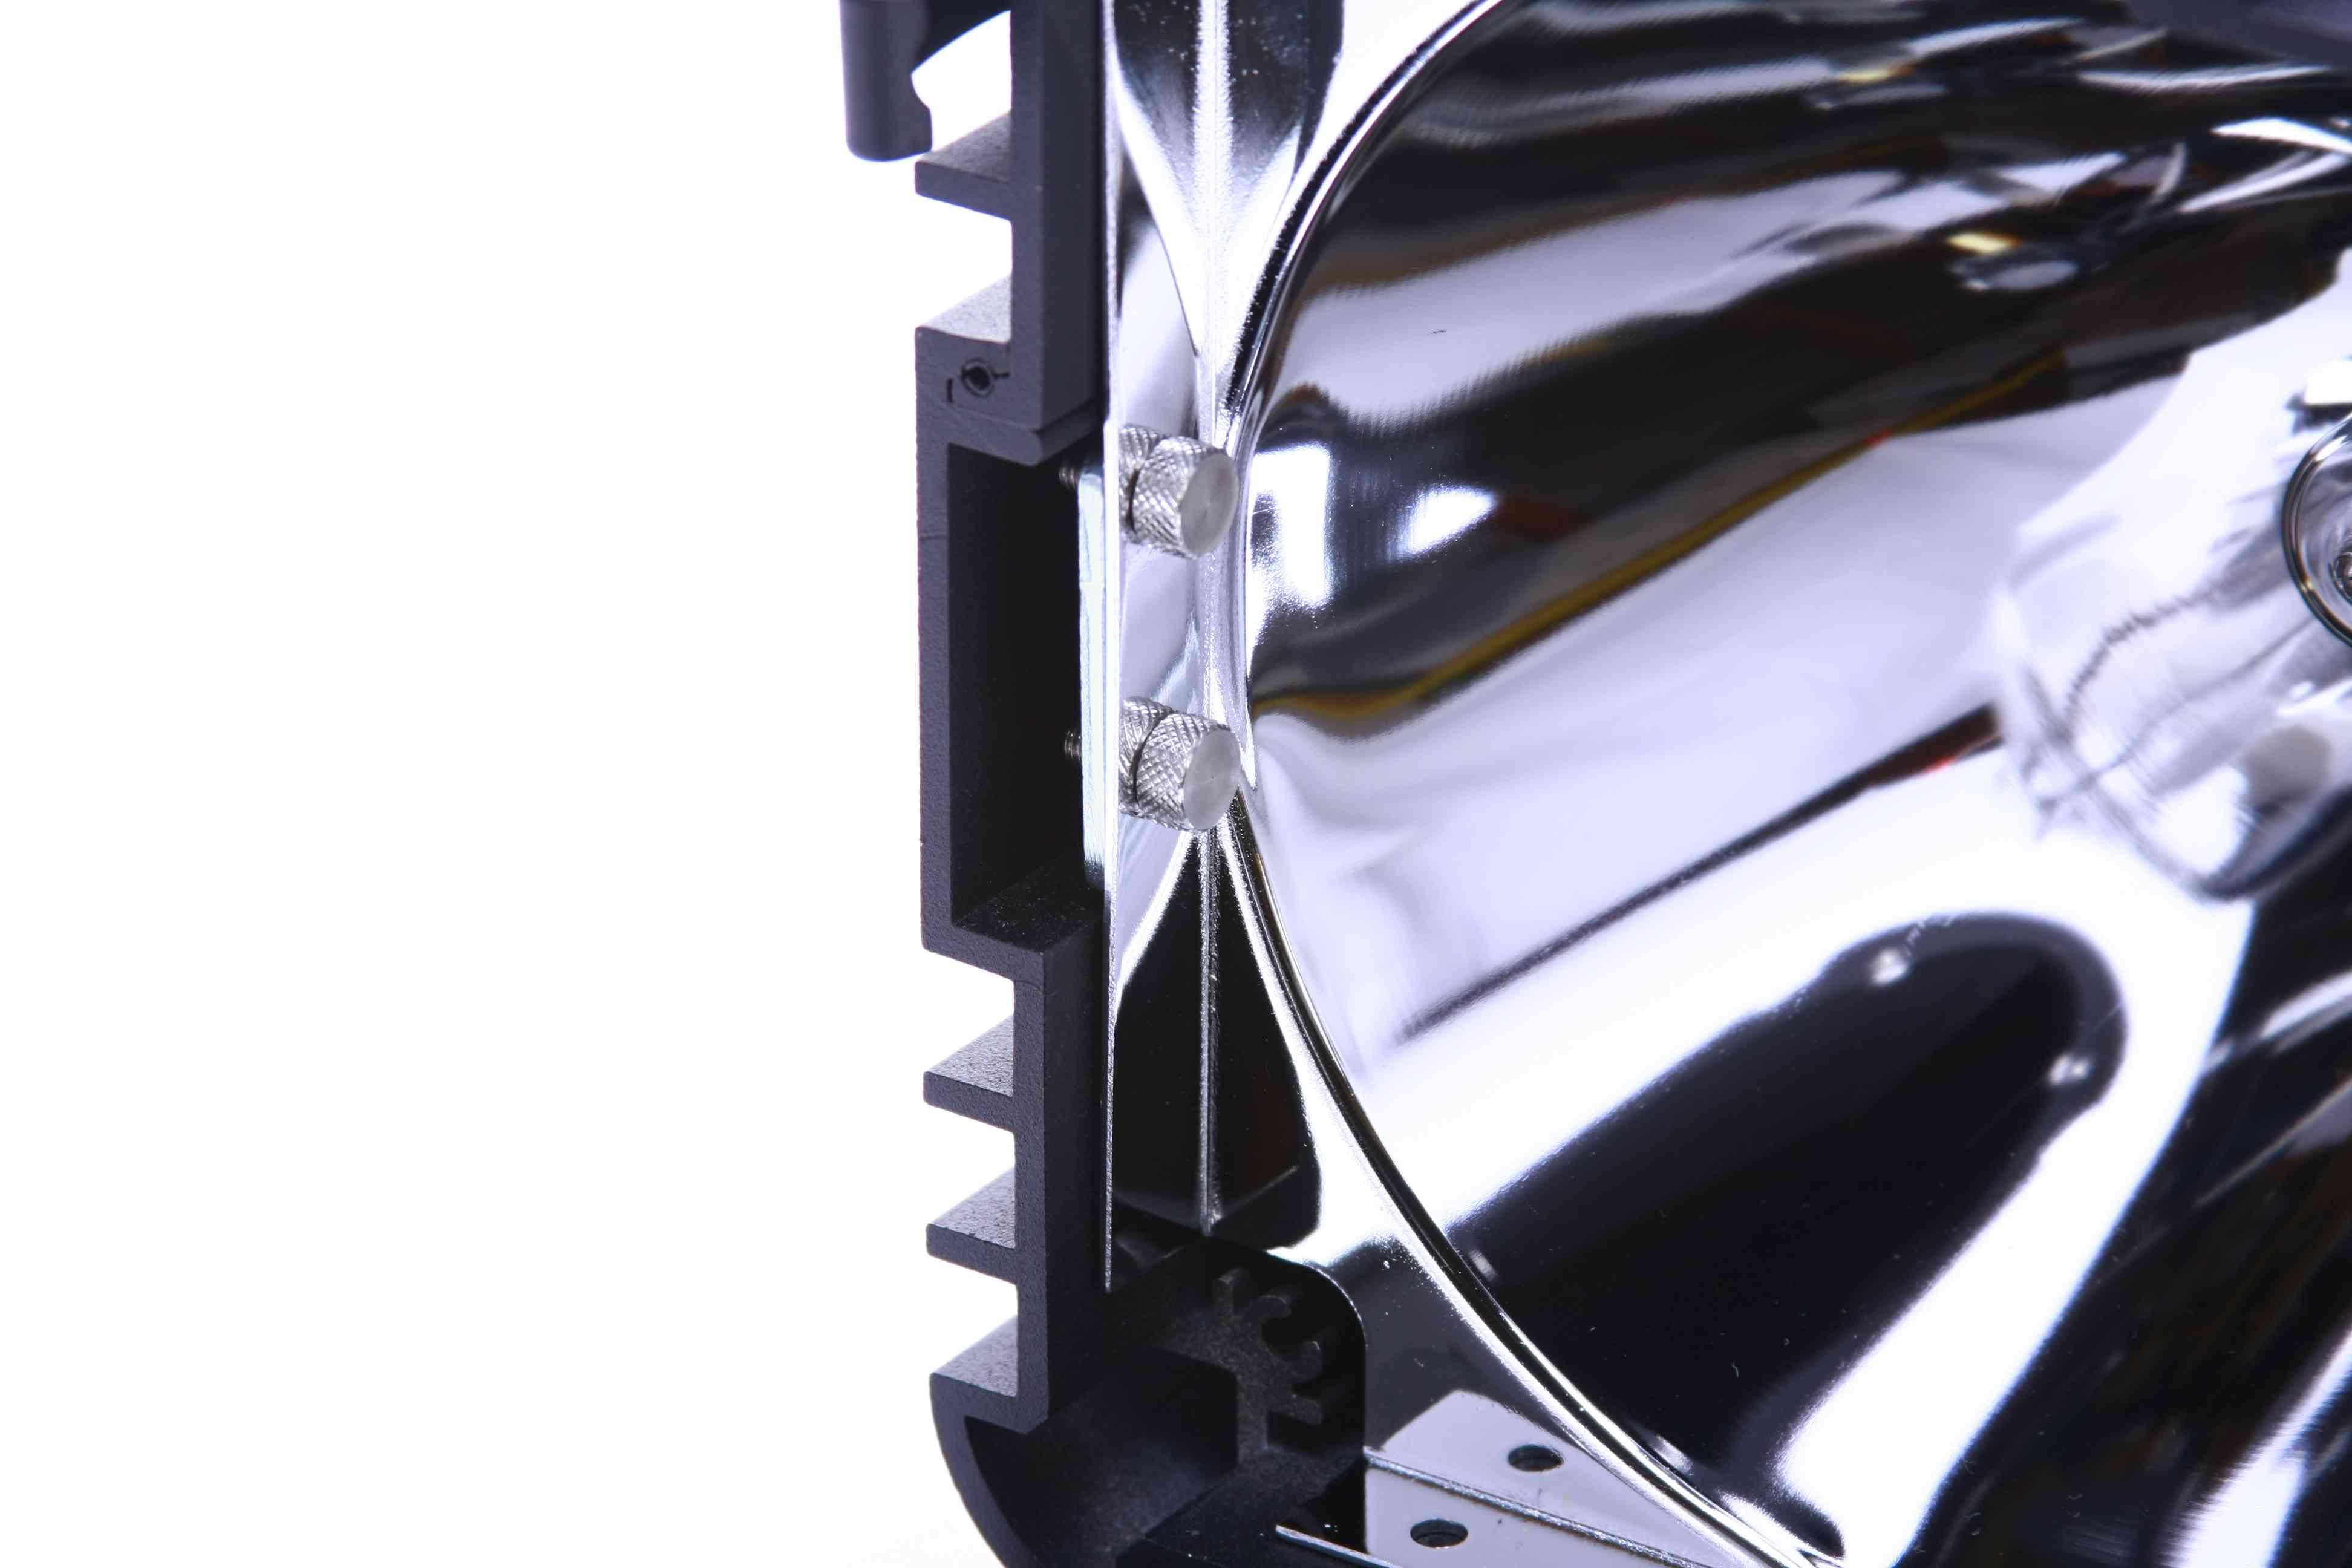 reflector for LT-150 black light long throw